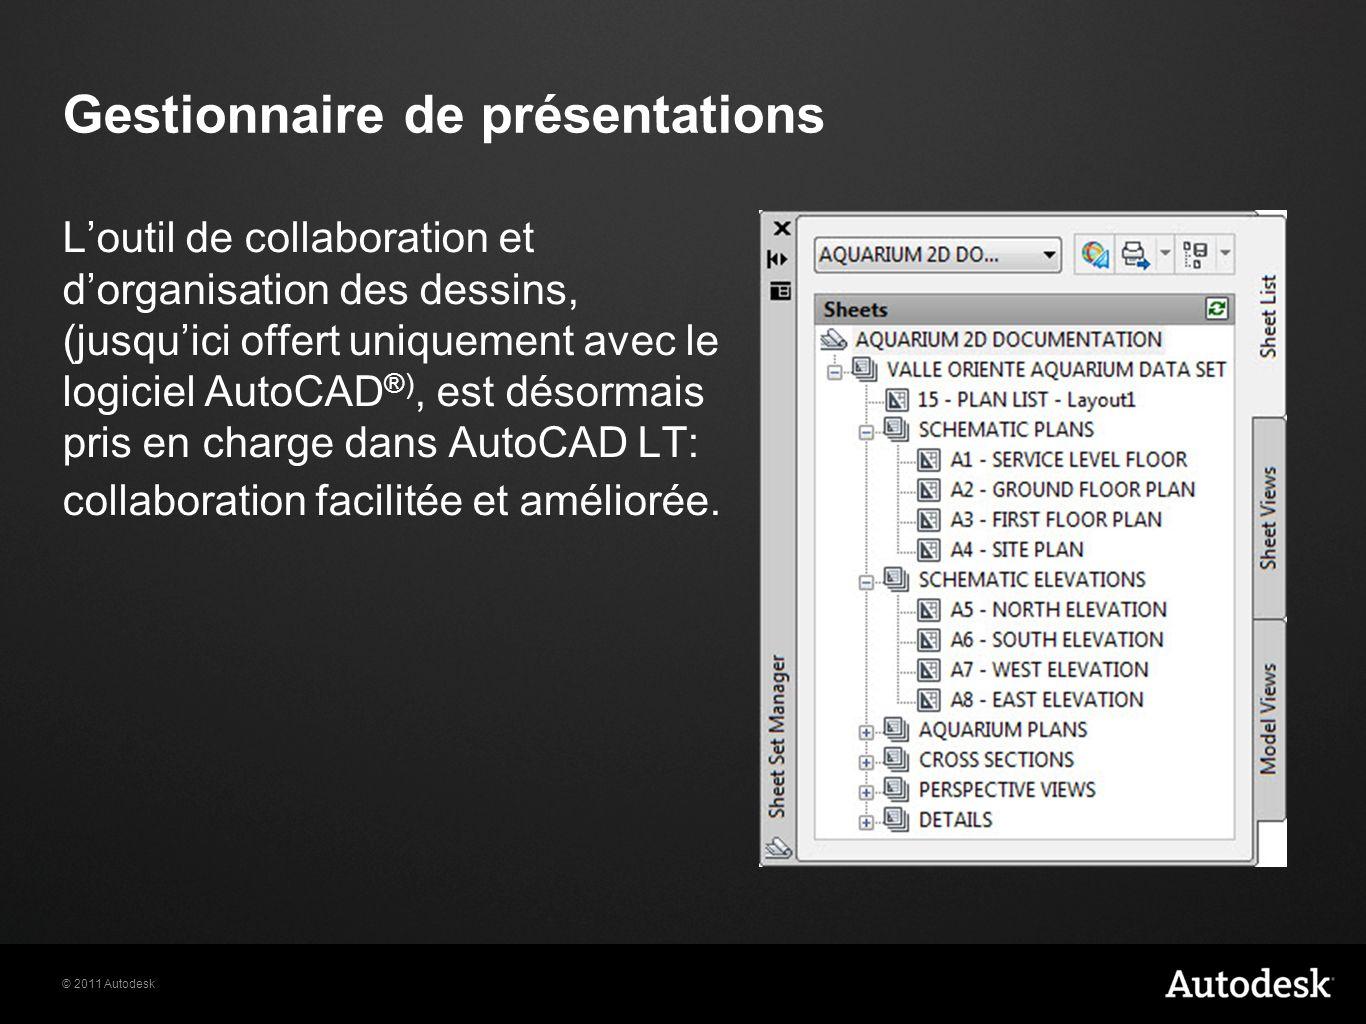 © 2011 Autodesk Gestionnaire de présentations Loutil de collaboration et dorganisation des dessins, (jusquici offert uniquement avec le logiciel AutoCAD ®), est désormais pris en charge dans AutoCAD LT: collaboration facilitée et améliorée.